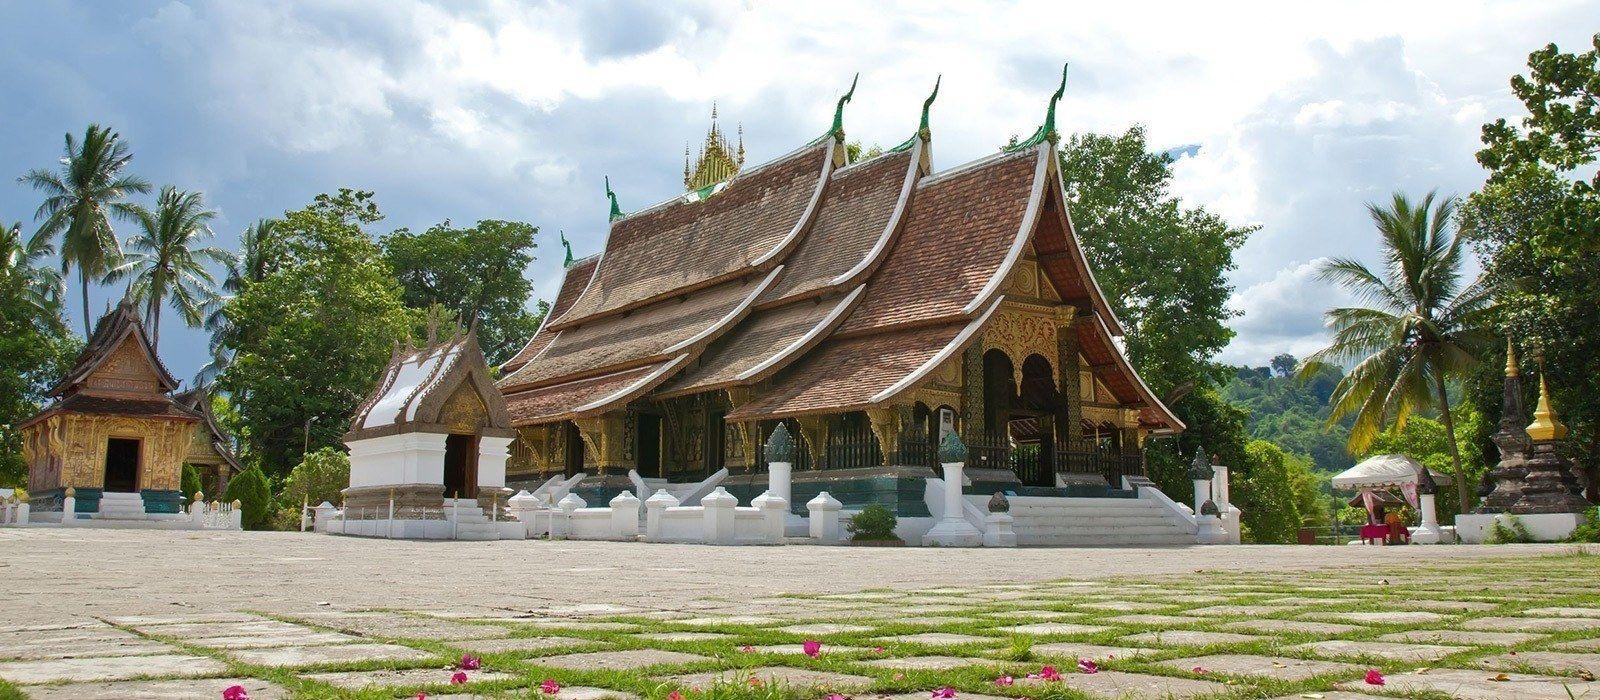 Kulturschätze Südostasiens – Laos und Kambodscha Rundreise Urlaub 5